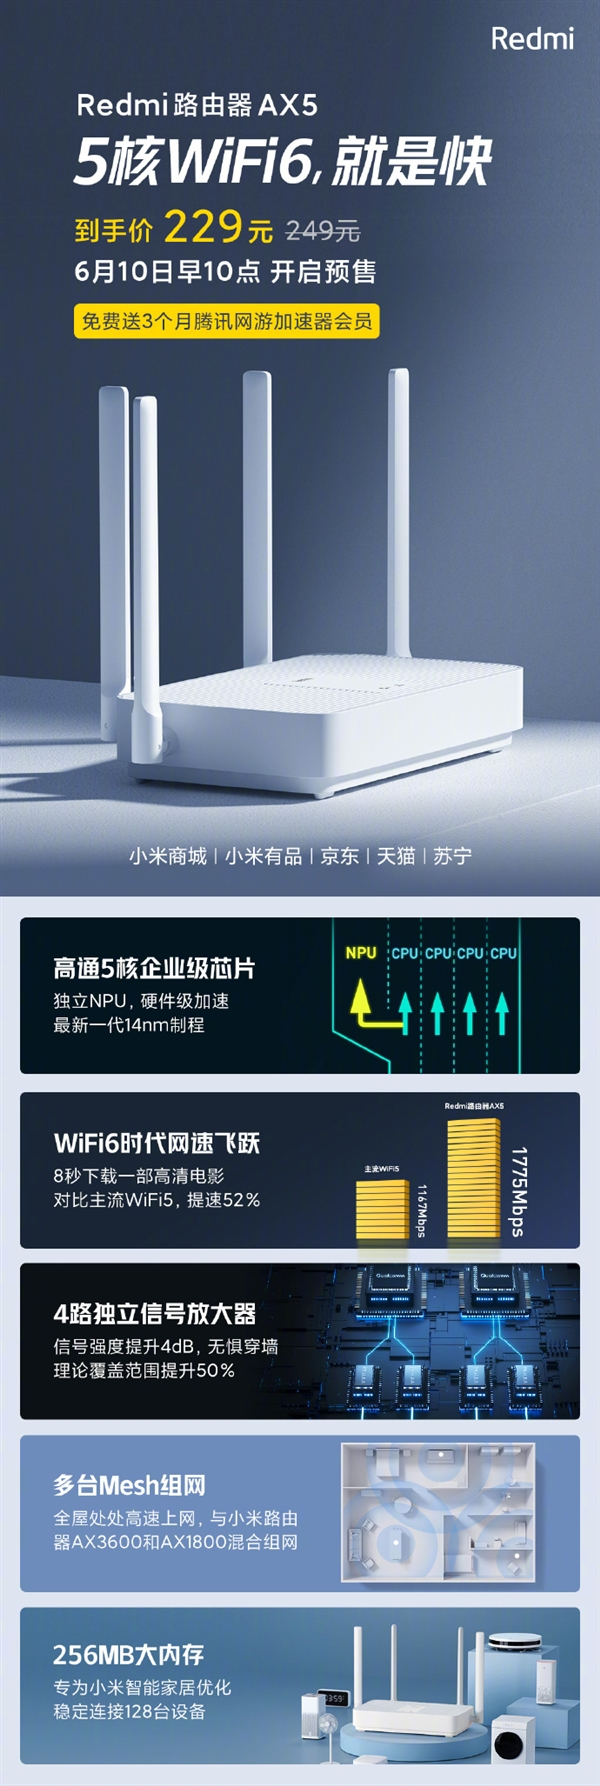 Redmi始款WiFi 6路由AX5登场:休灭信号物化角/送3个月VIP 229元